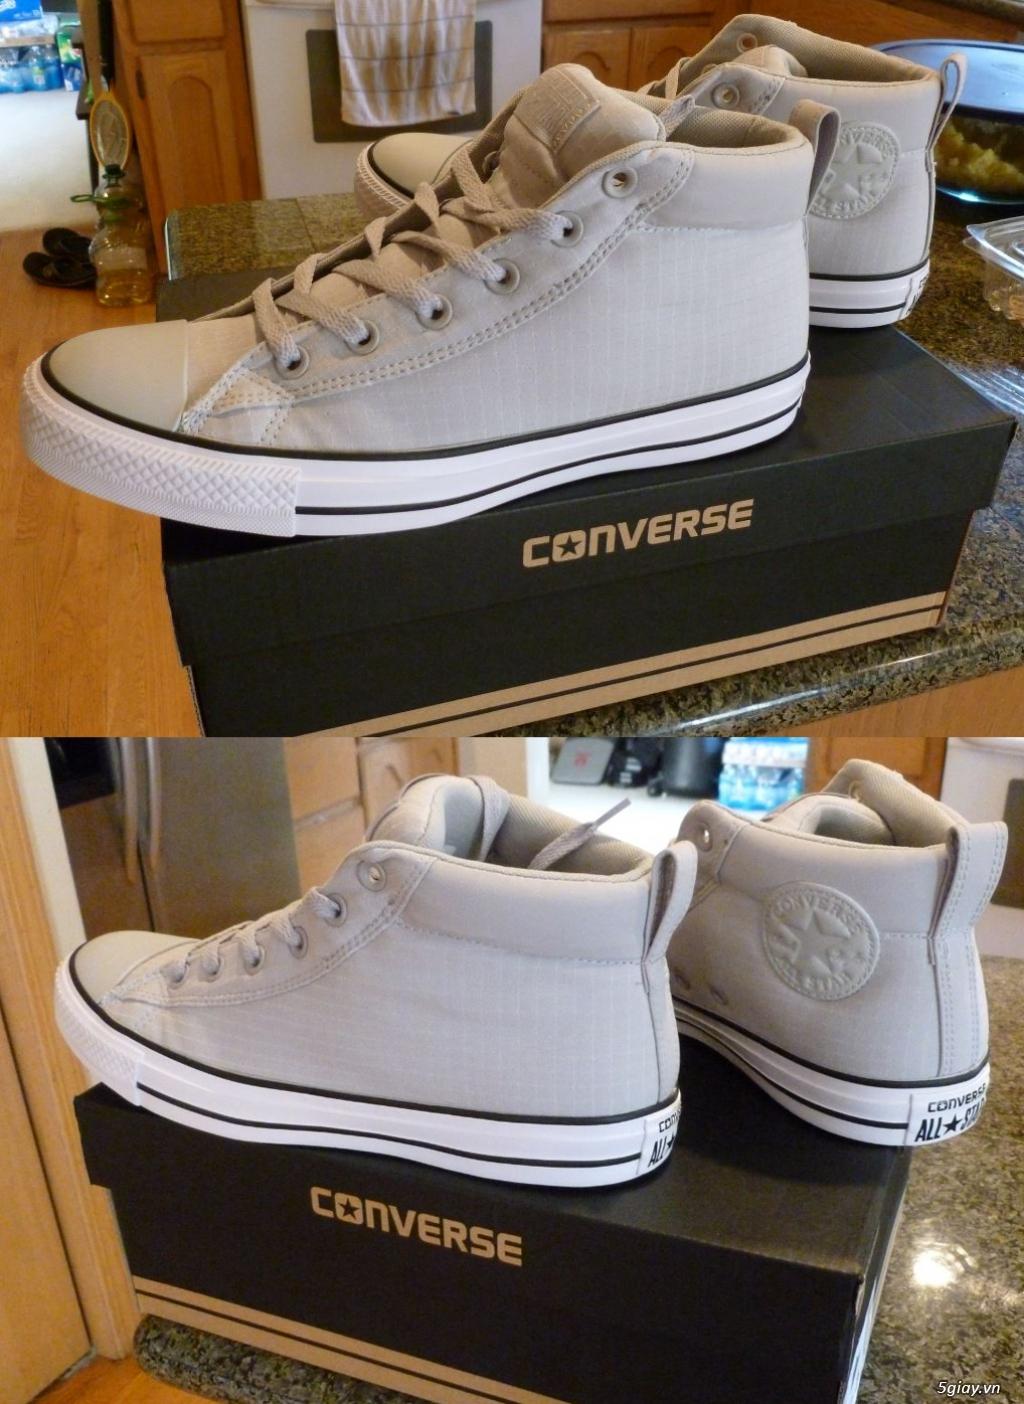 Mình xách/gửi giày Nike, Skechers, Reebok, Polo, Converse, v.v. từ Mỹ. - 3